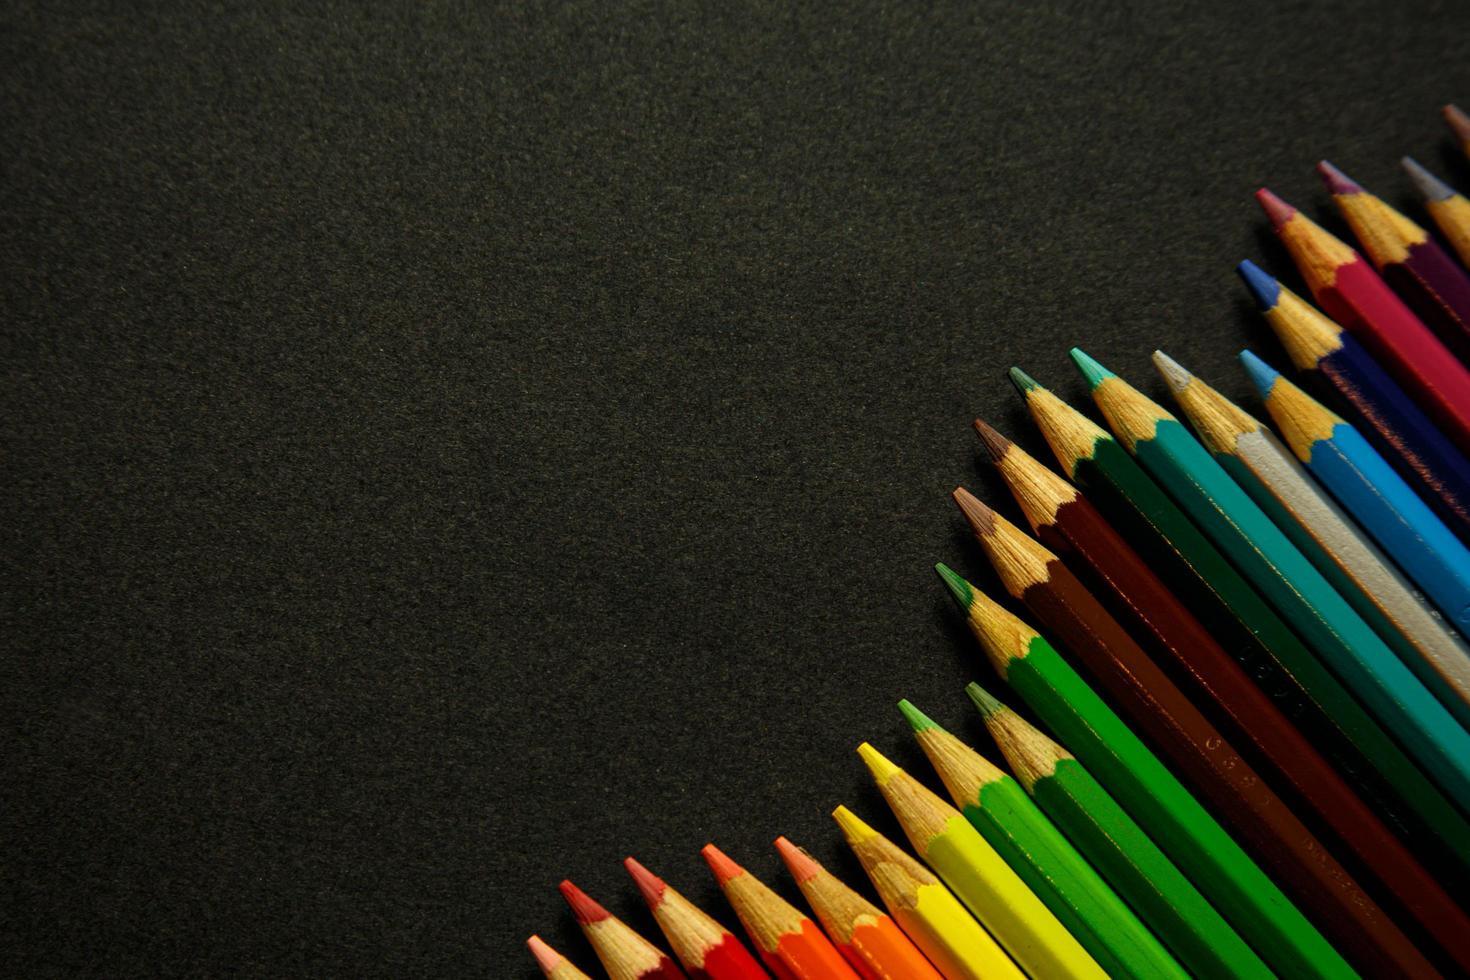 Lápices de colores en fila desigual sobre fondo oscuro foto